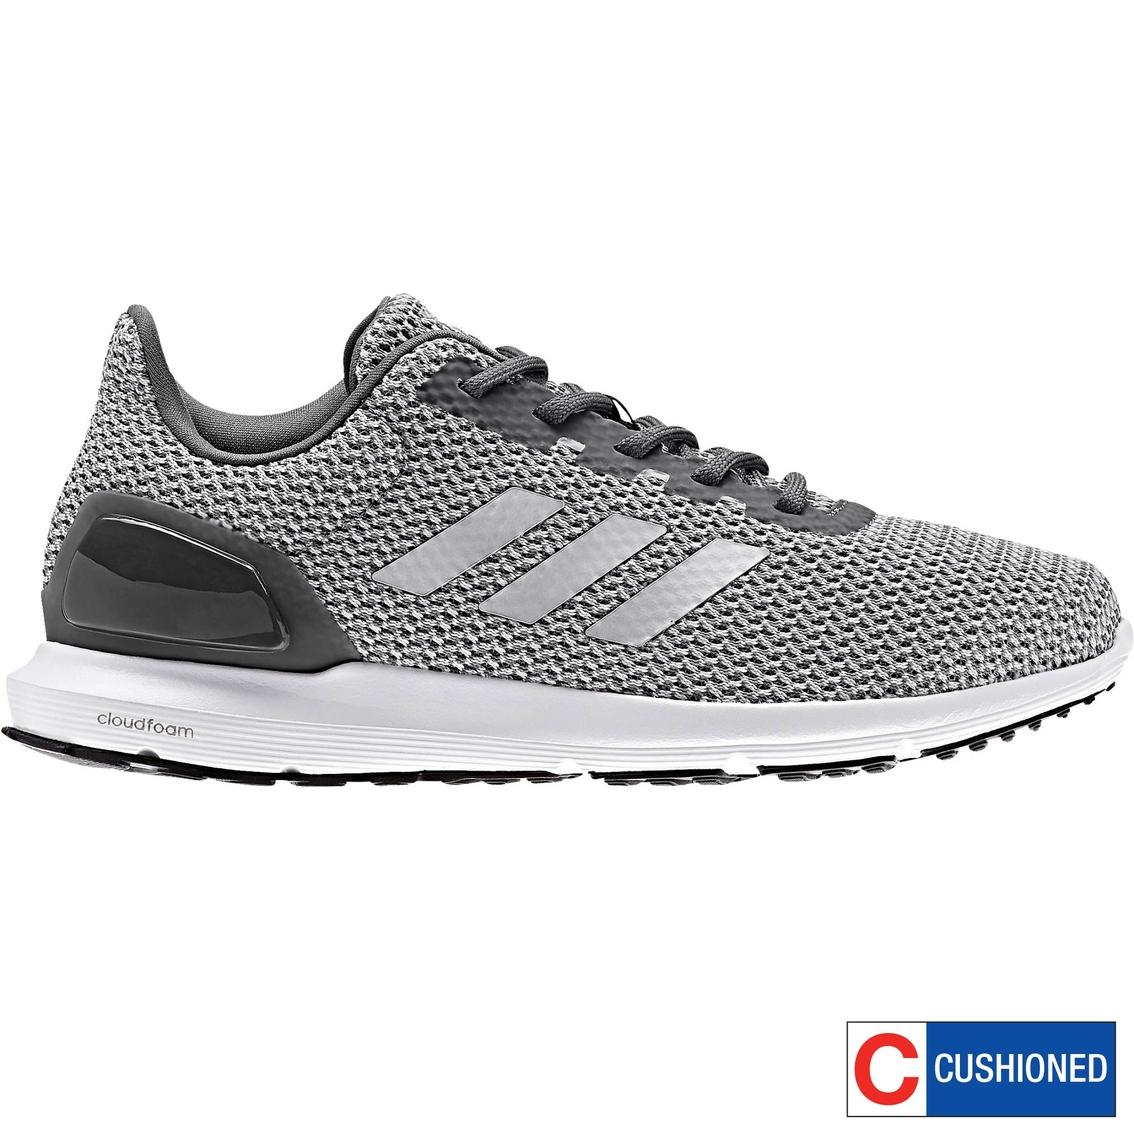 Condición equivocado Noticias  Adidas Women's Cosmic 2 Sl Shoes | Sneakers | Shoes | Shop The Exchange